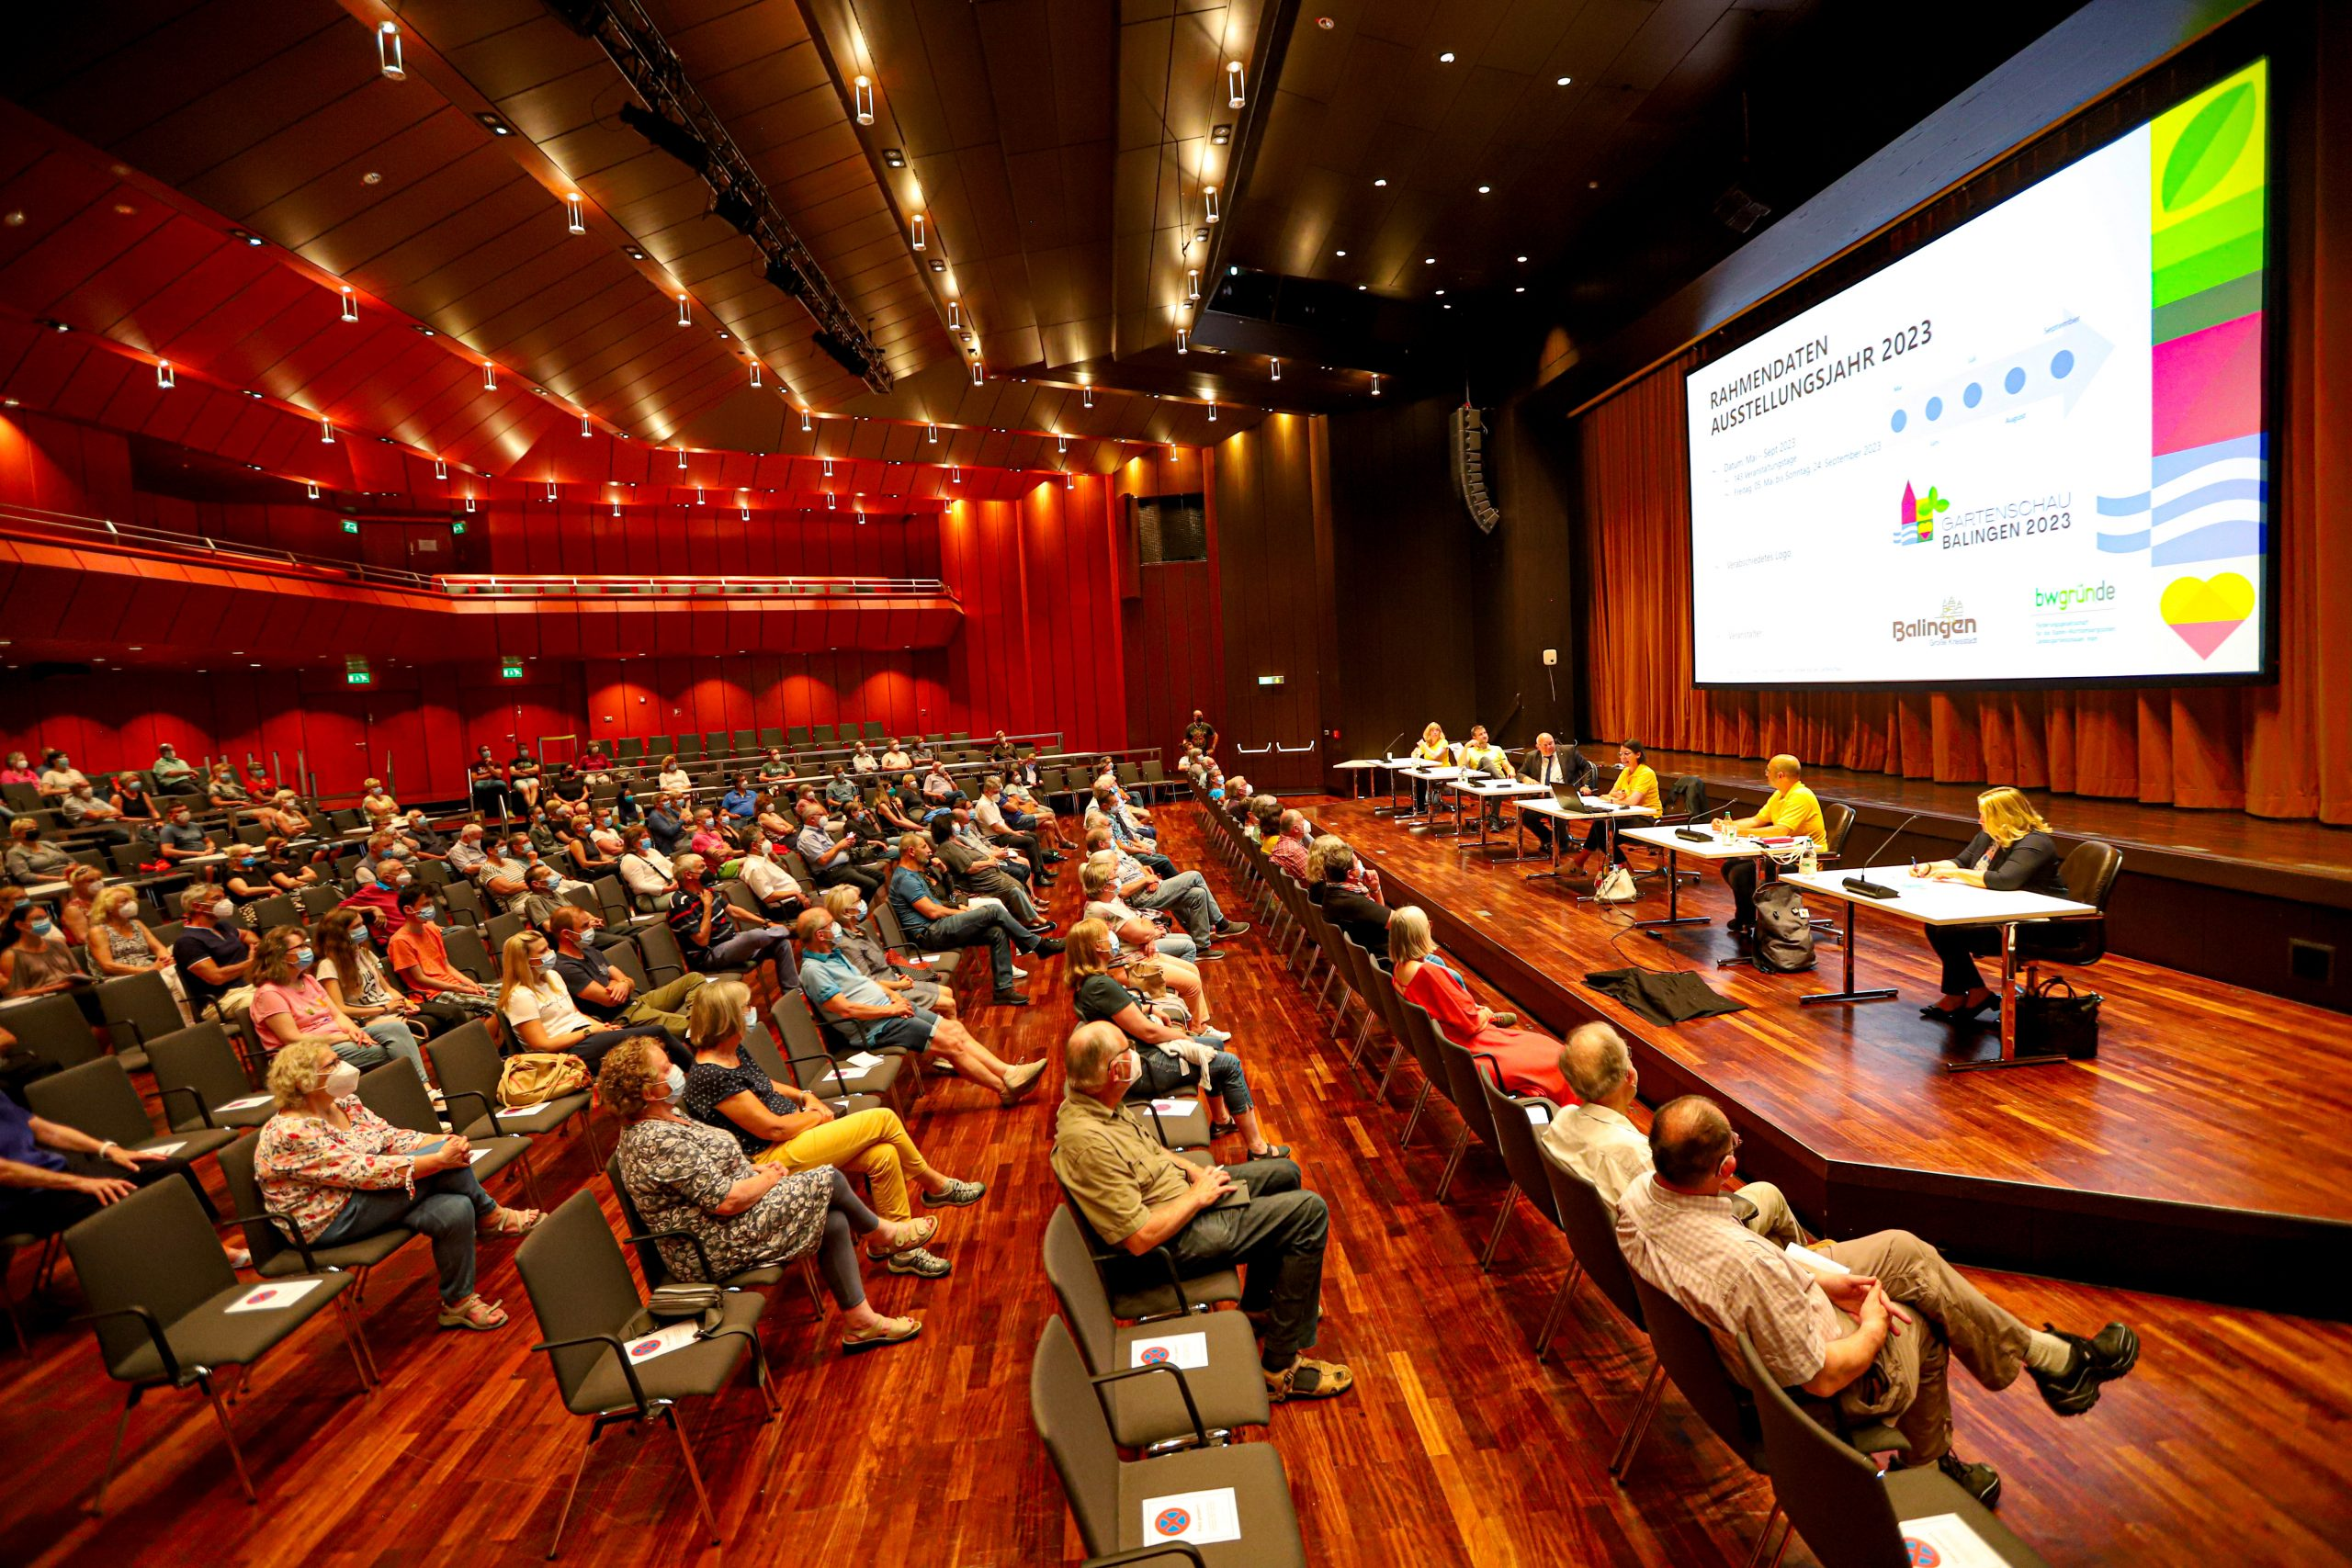 Erste Ehrenamts Informationsveranstaltung der Gartenschau 2023